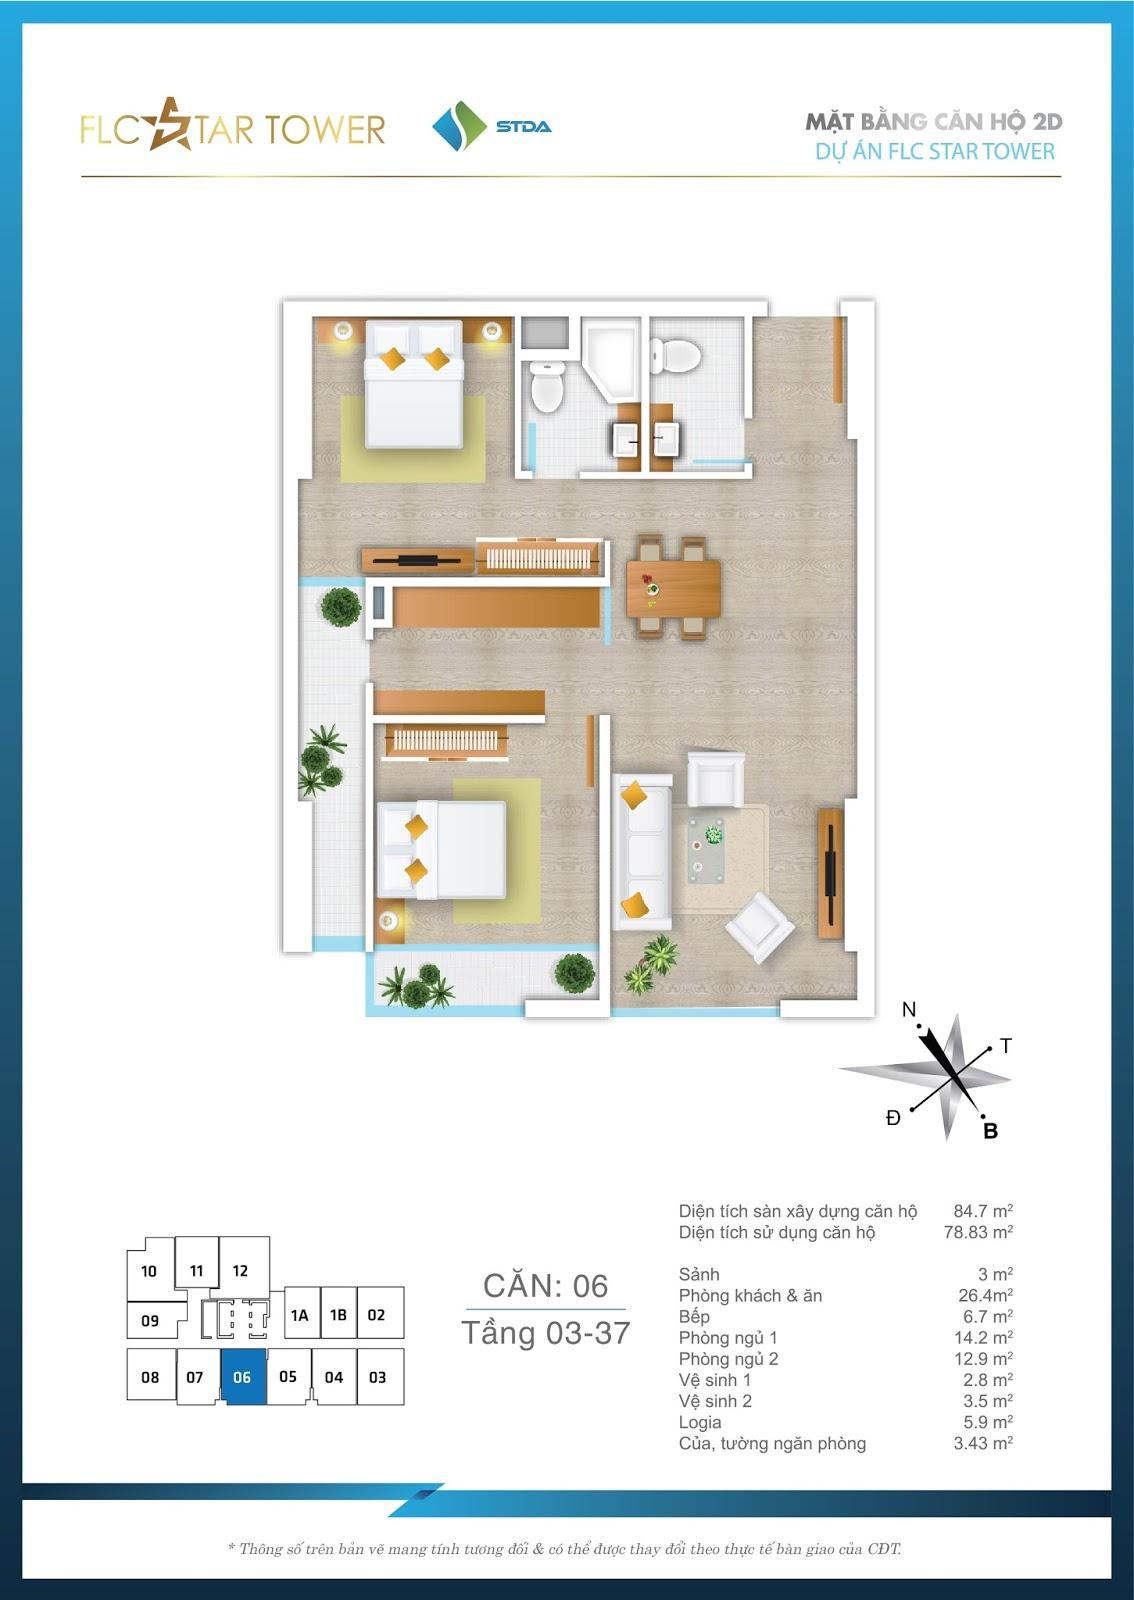 Thiết kế căn hộ 06 - Chung cư FLC Star Tower Hà Đông